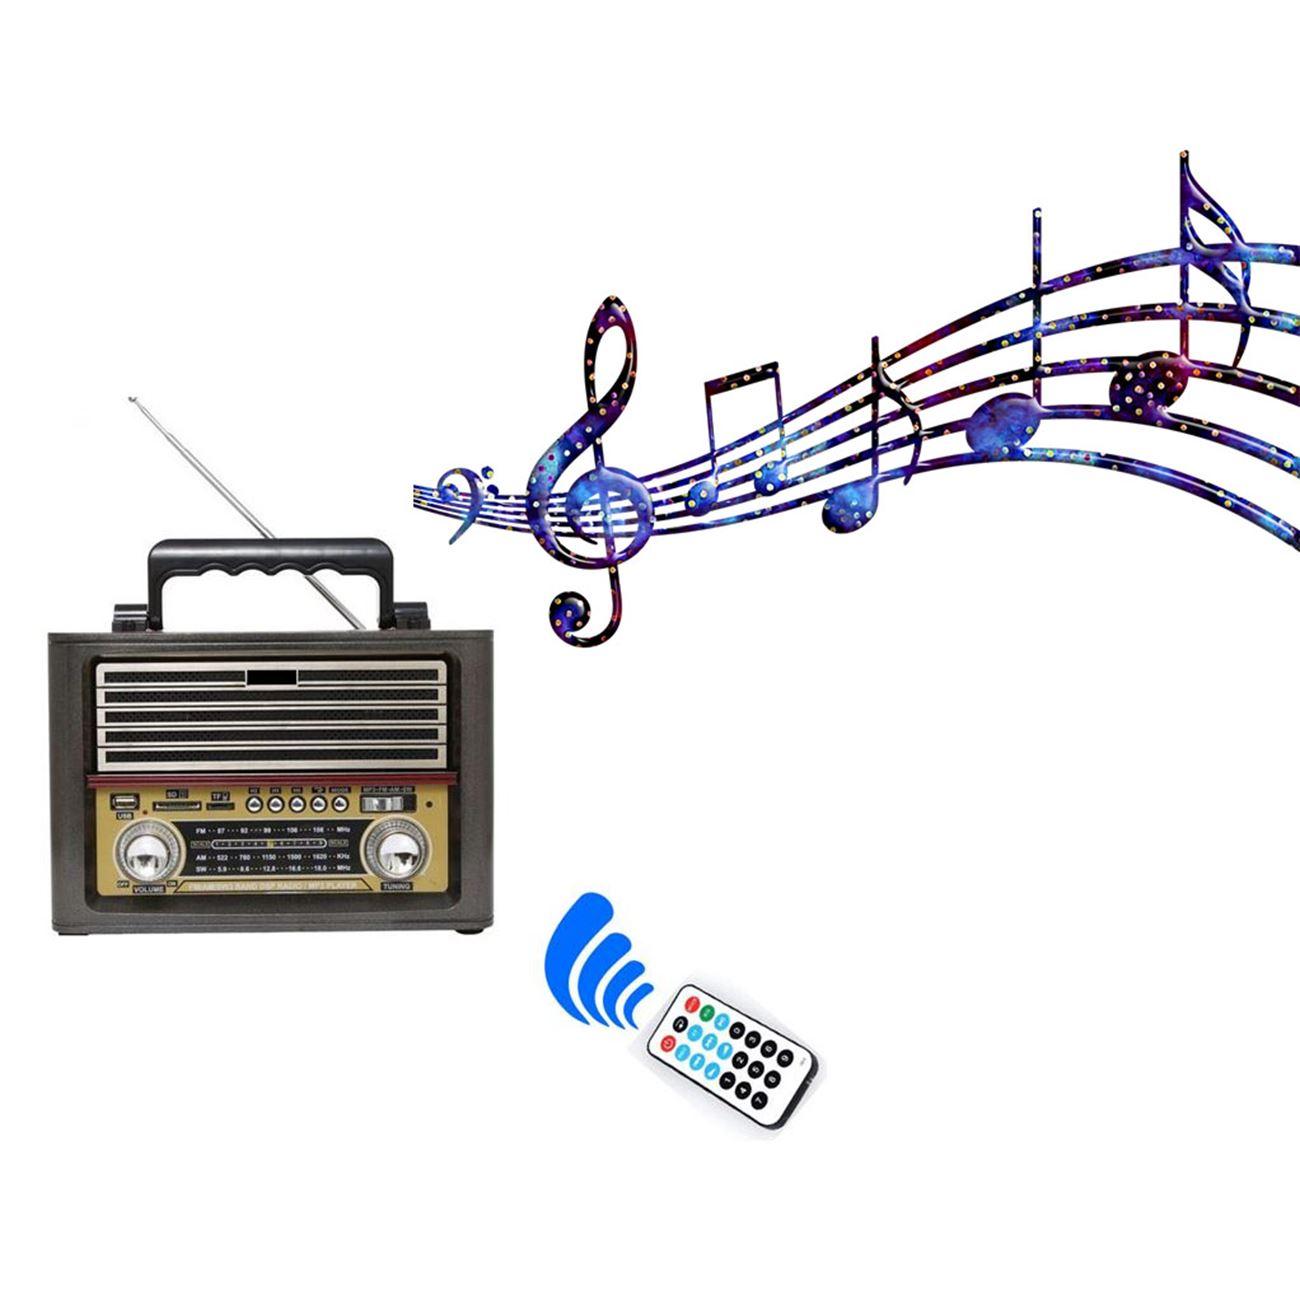 μπορεί να συνδέσετε υποβρύχια ραδιόφωνο